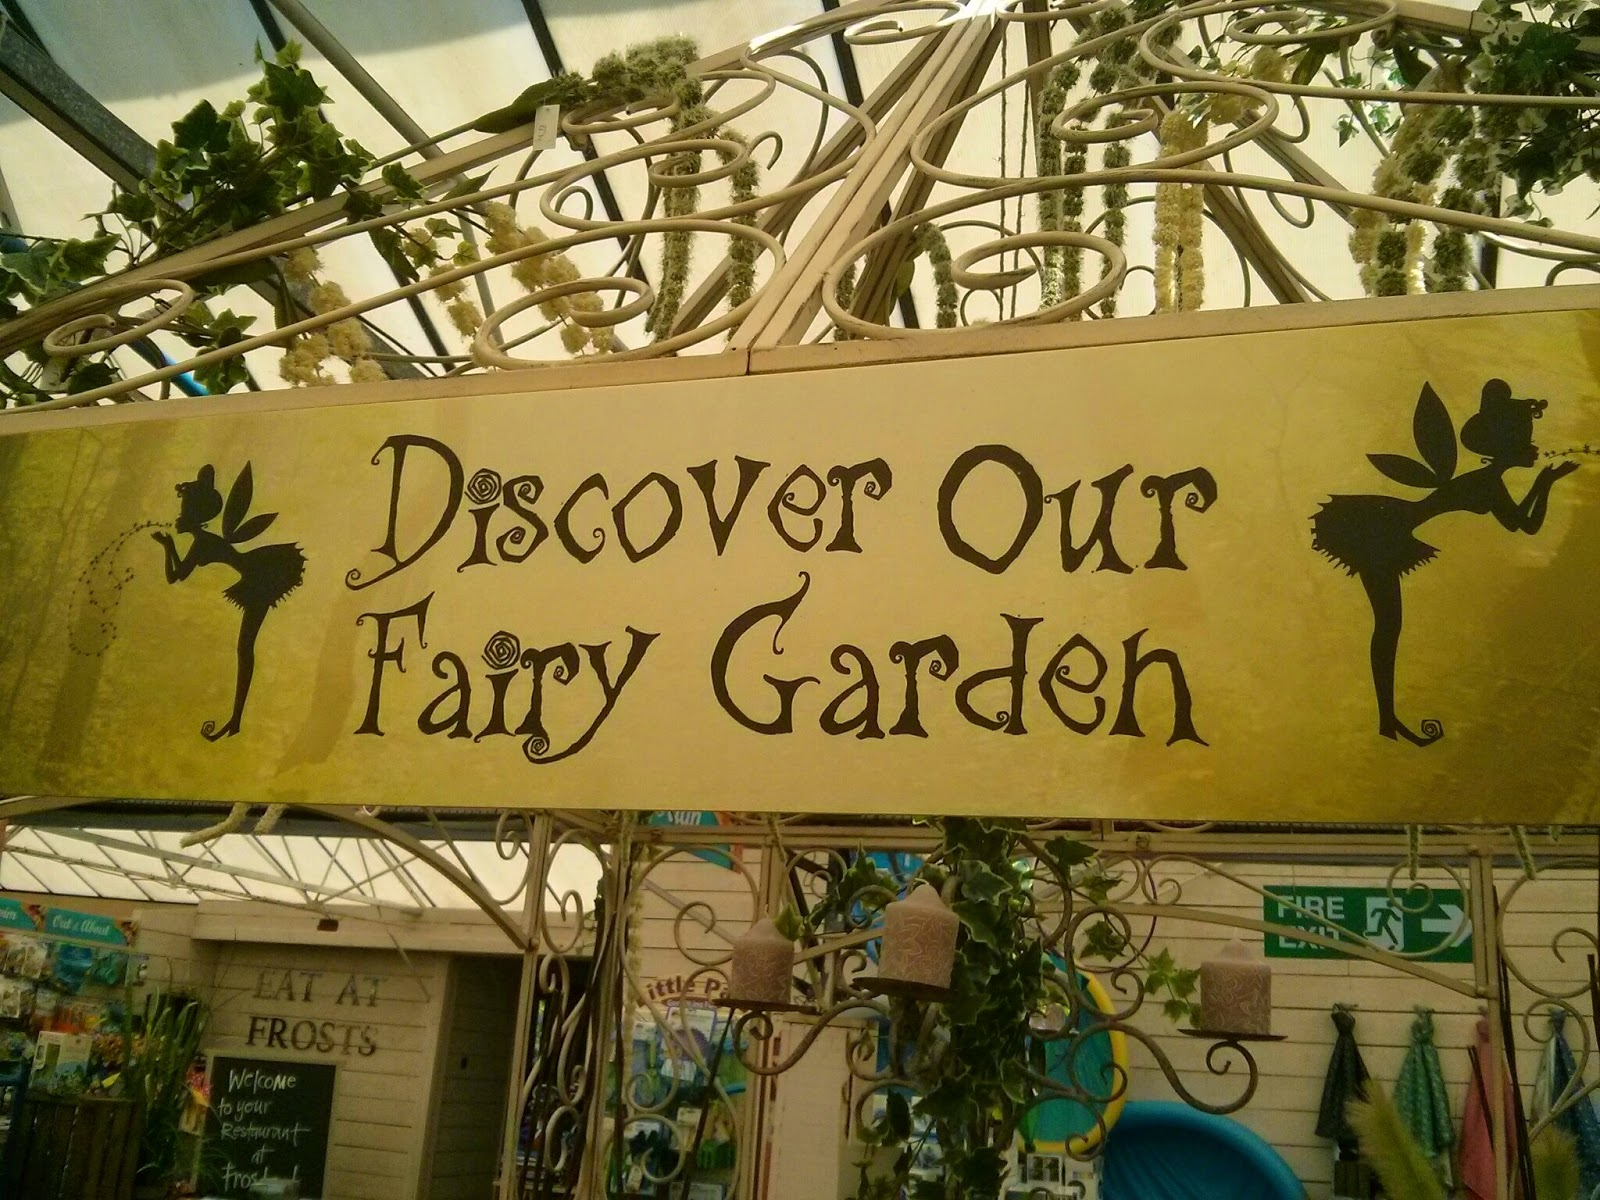 Discover our Fairy Garden